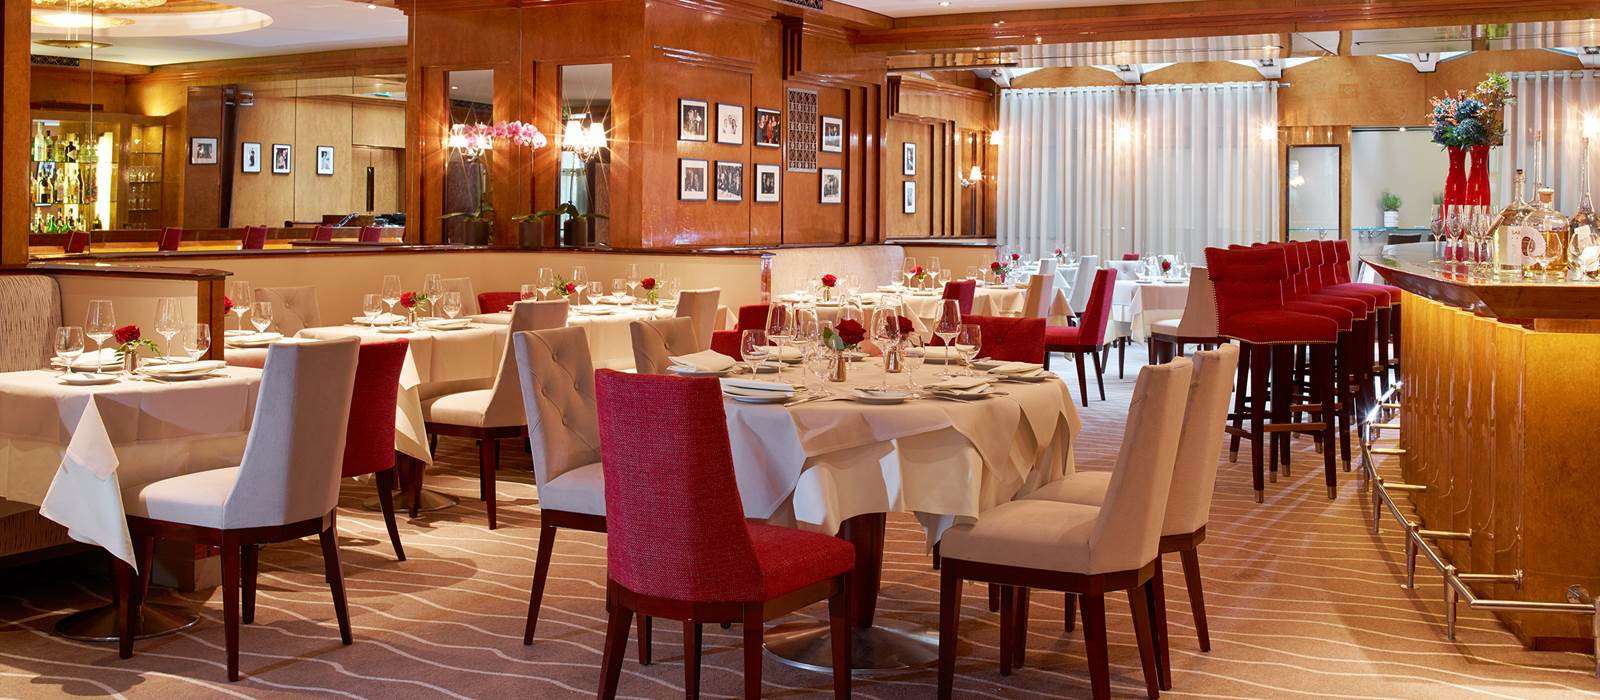 5 star boutique hotel de vigny luxury boutique hotels paris - Boutique cuisine paris ...